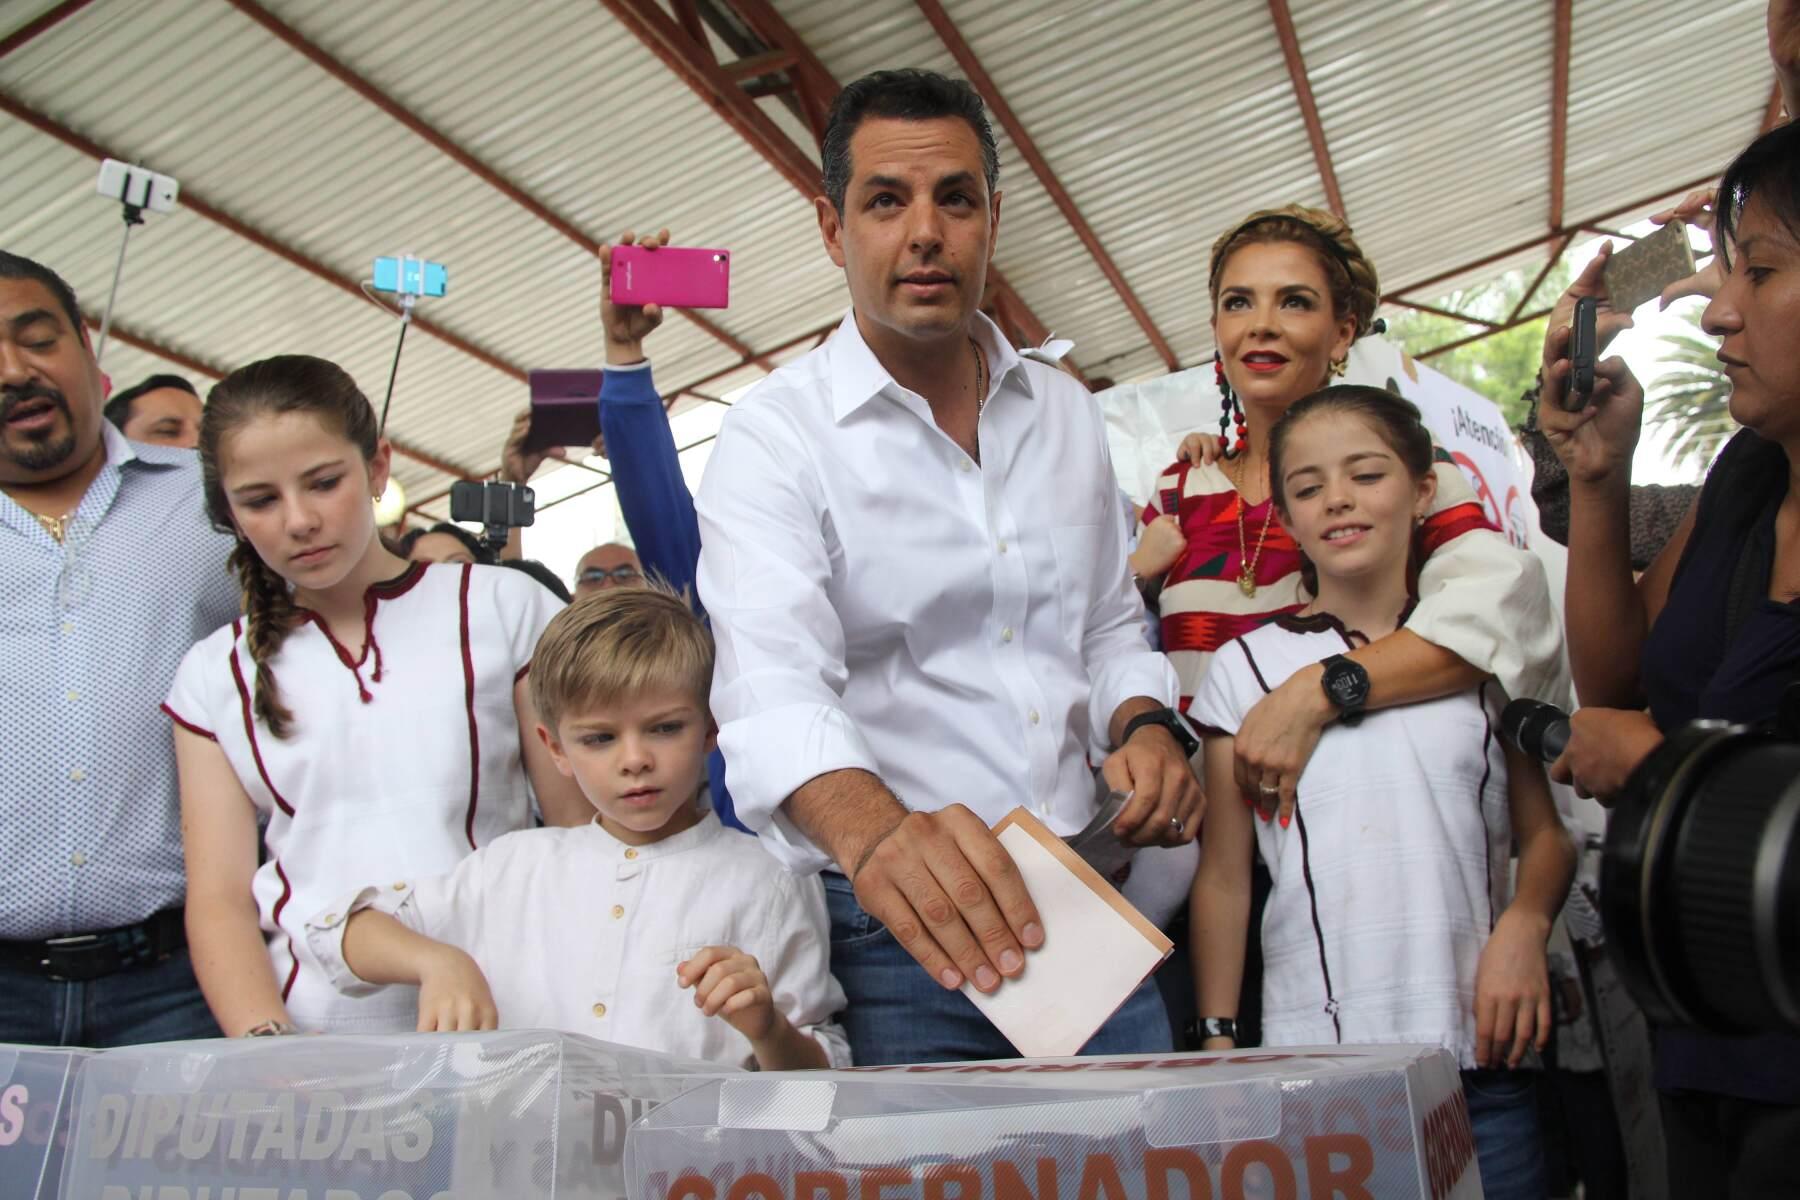 es uno de los 7 candidatos que aspiran a la gubernatura del estado de Oaxaca.